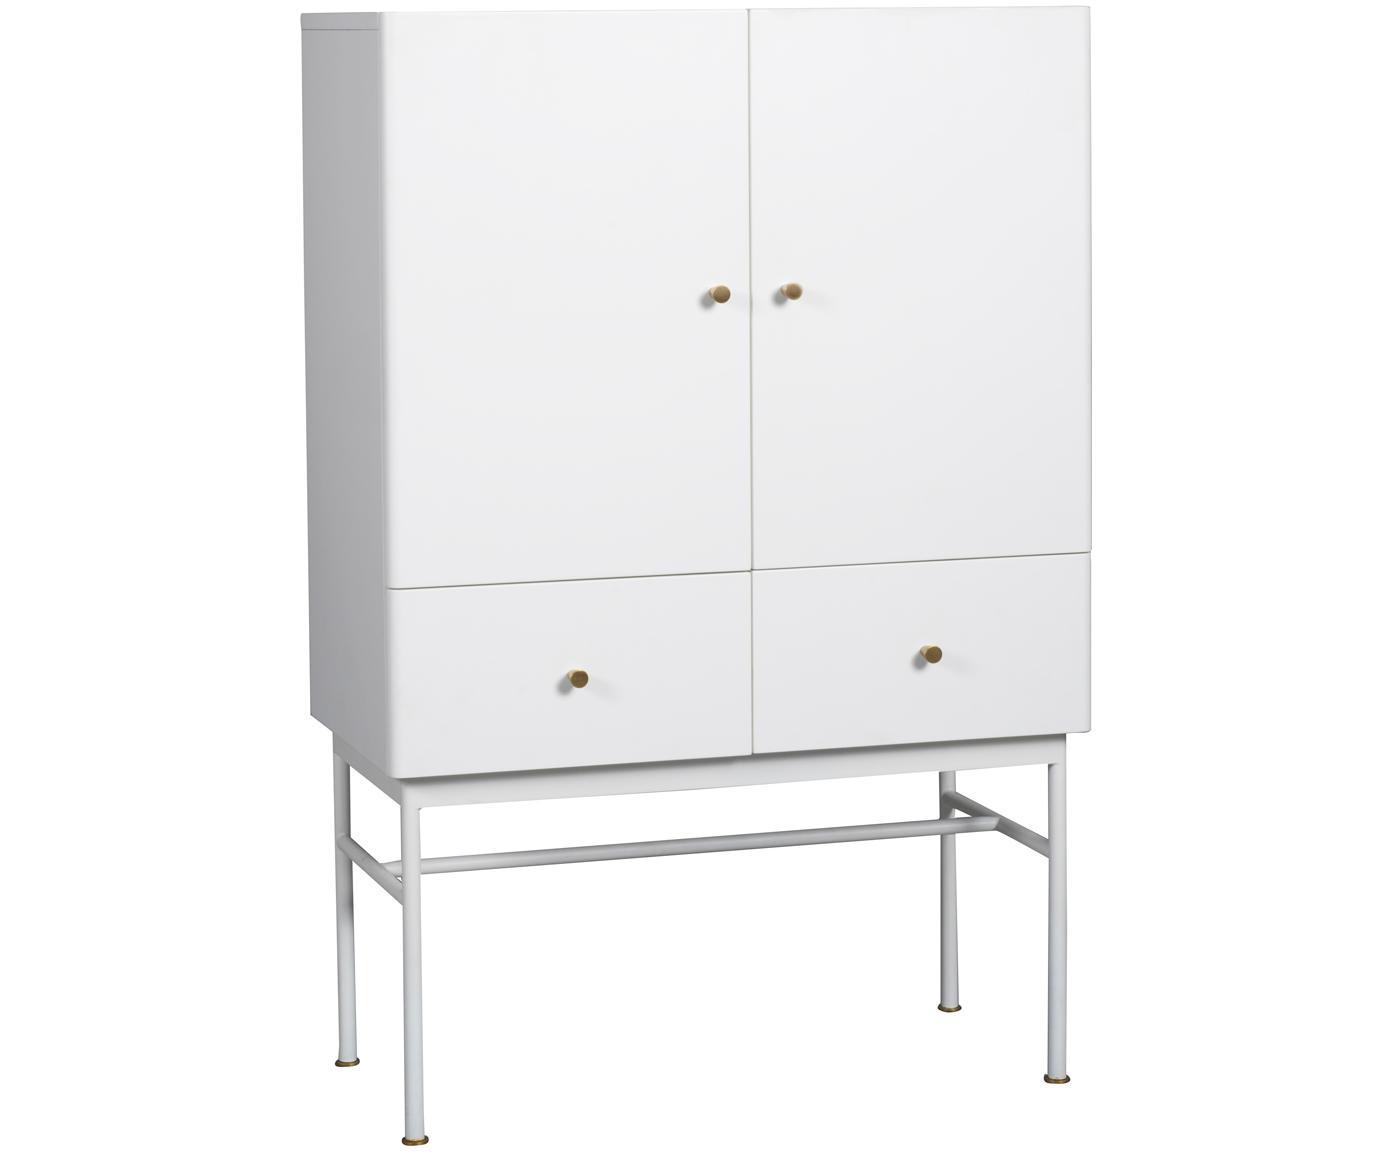 Weißes Highboard Glendale mit Schubladen und Türen, Korpus: Mitteldichte Holzfaserpla, Eichenholz, Weiß, 80 x 120 cm